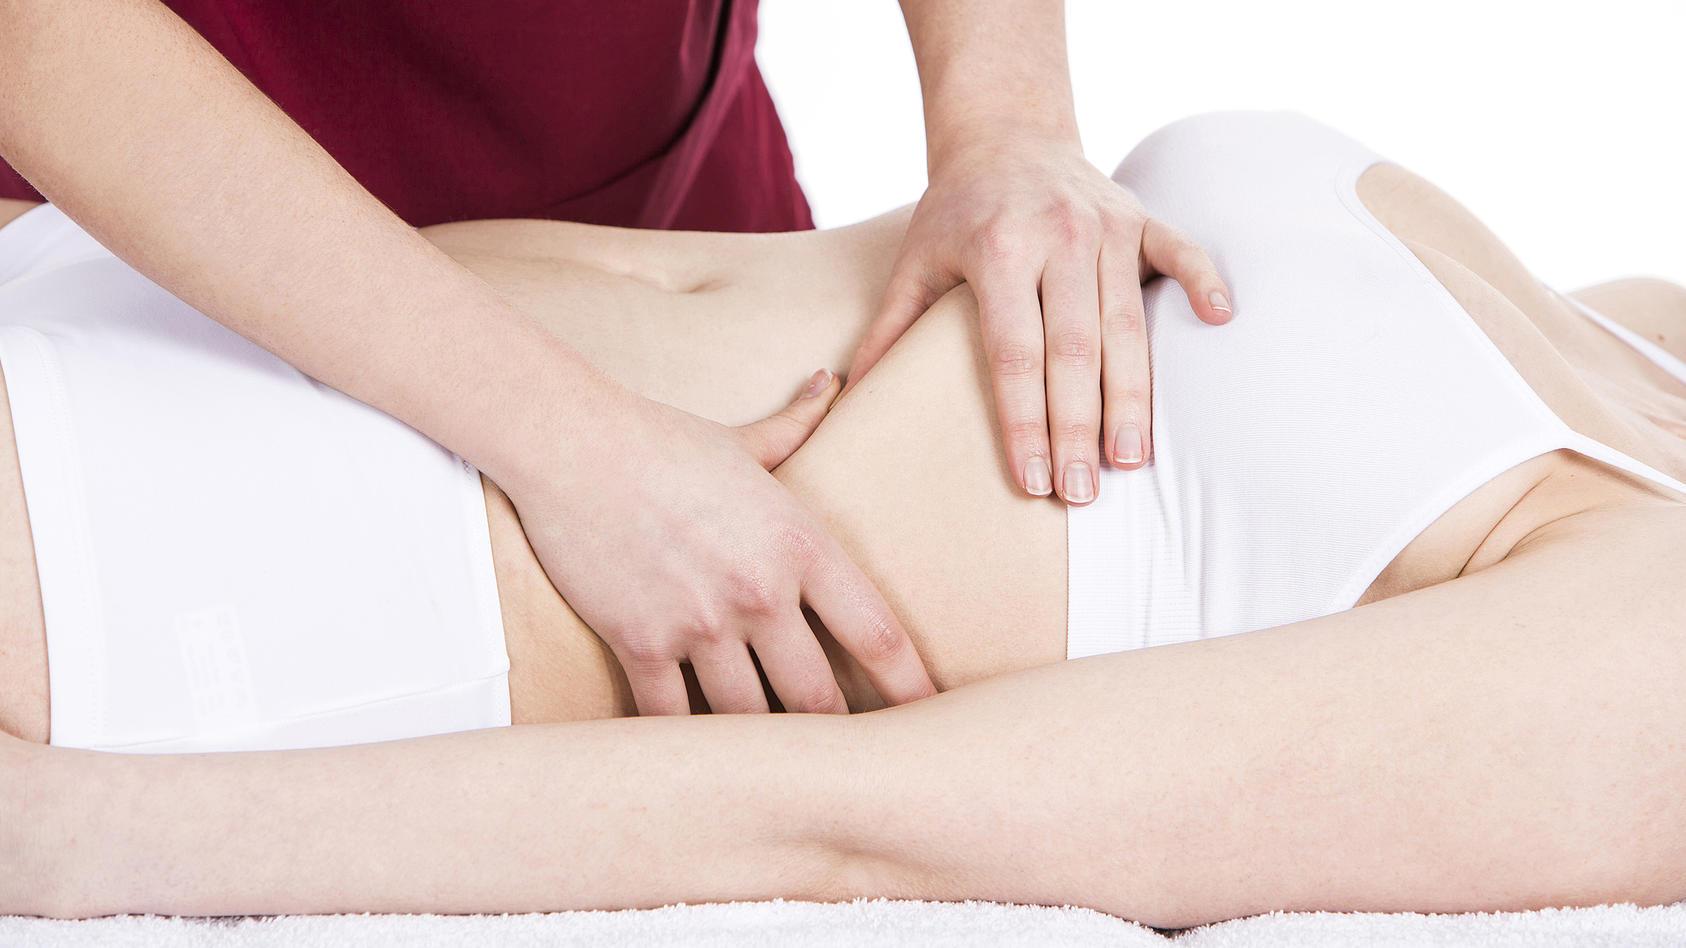 Beim Zwerchfellbruch sind Teile des Magens in die Brusthöhle gelangt